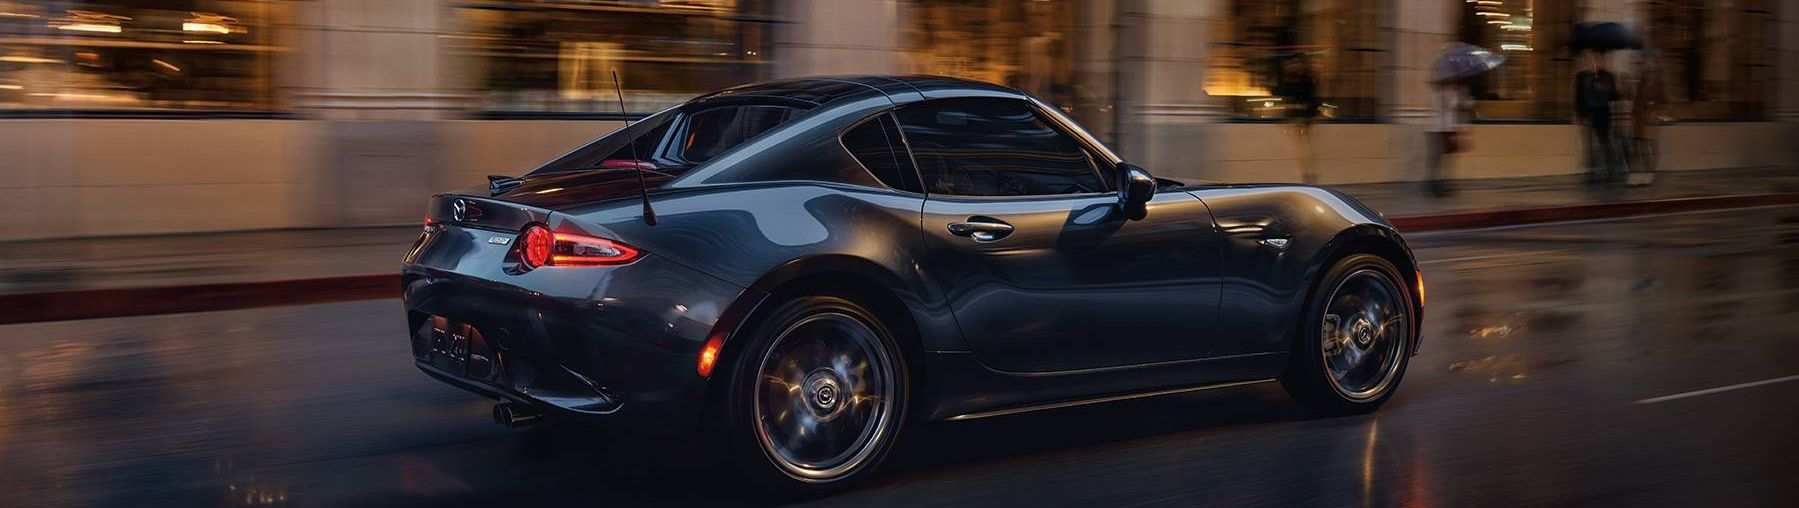 2019 Mazda MX-5 Miata RF for Sale near Albany, NY